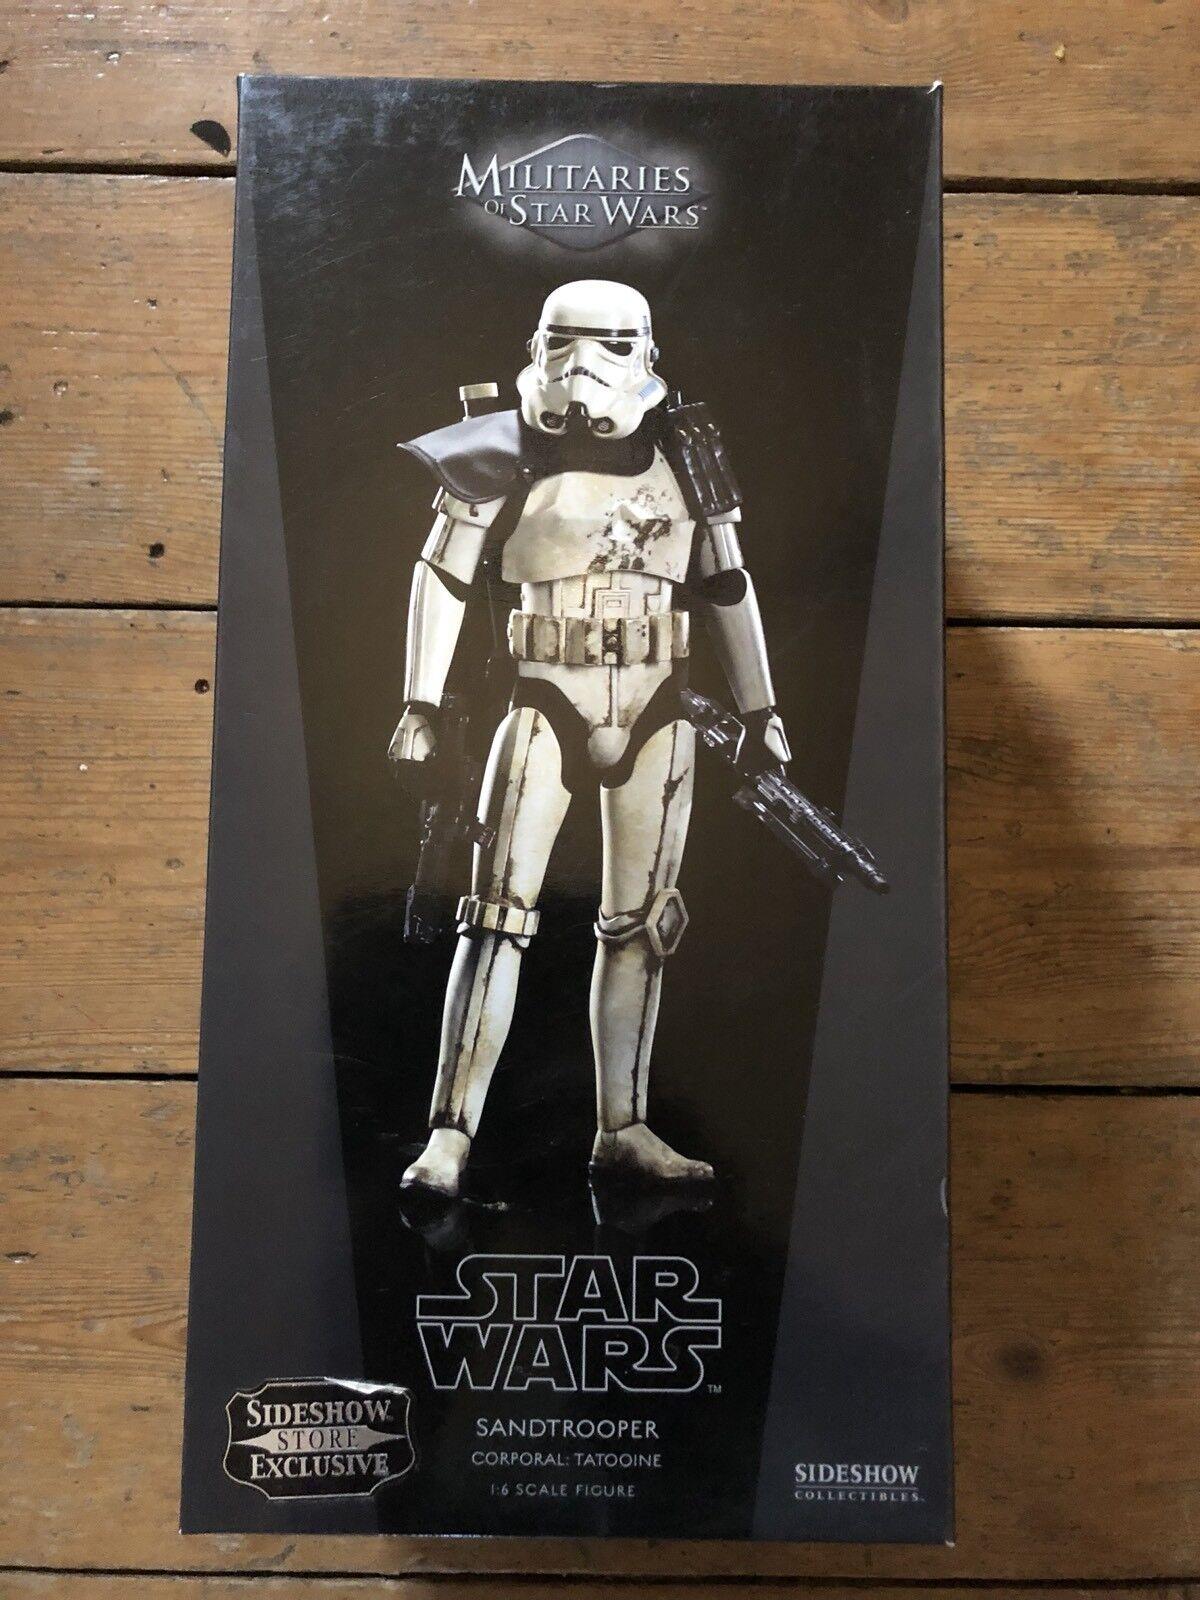 venta caliente Sideshow ejércitos de de de Estrella Wars Sandtrooper Exclusivo corporal  Tatooin afssc 241  caliente